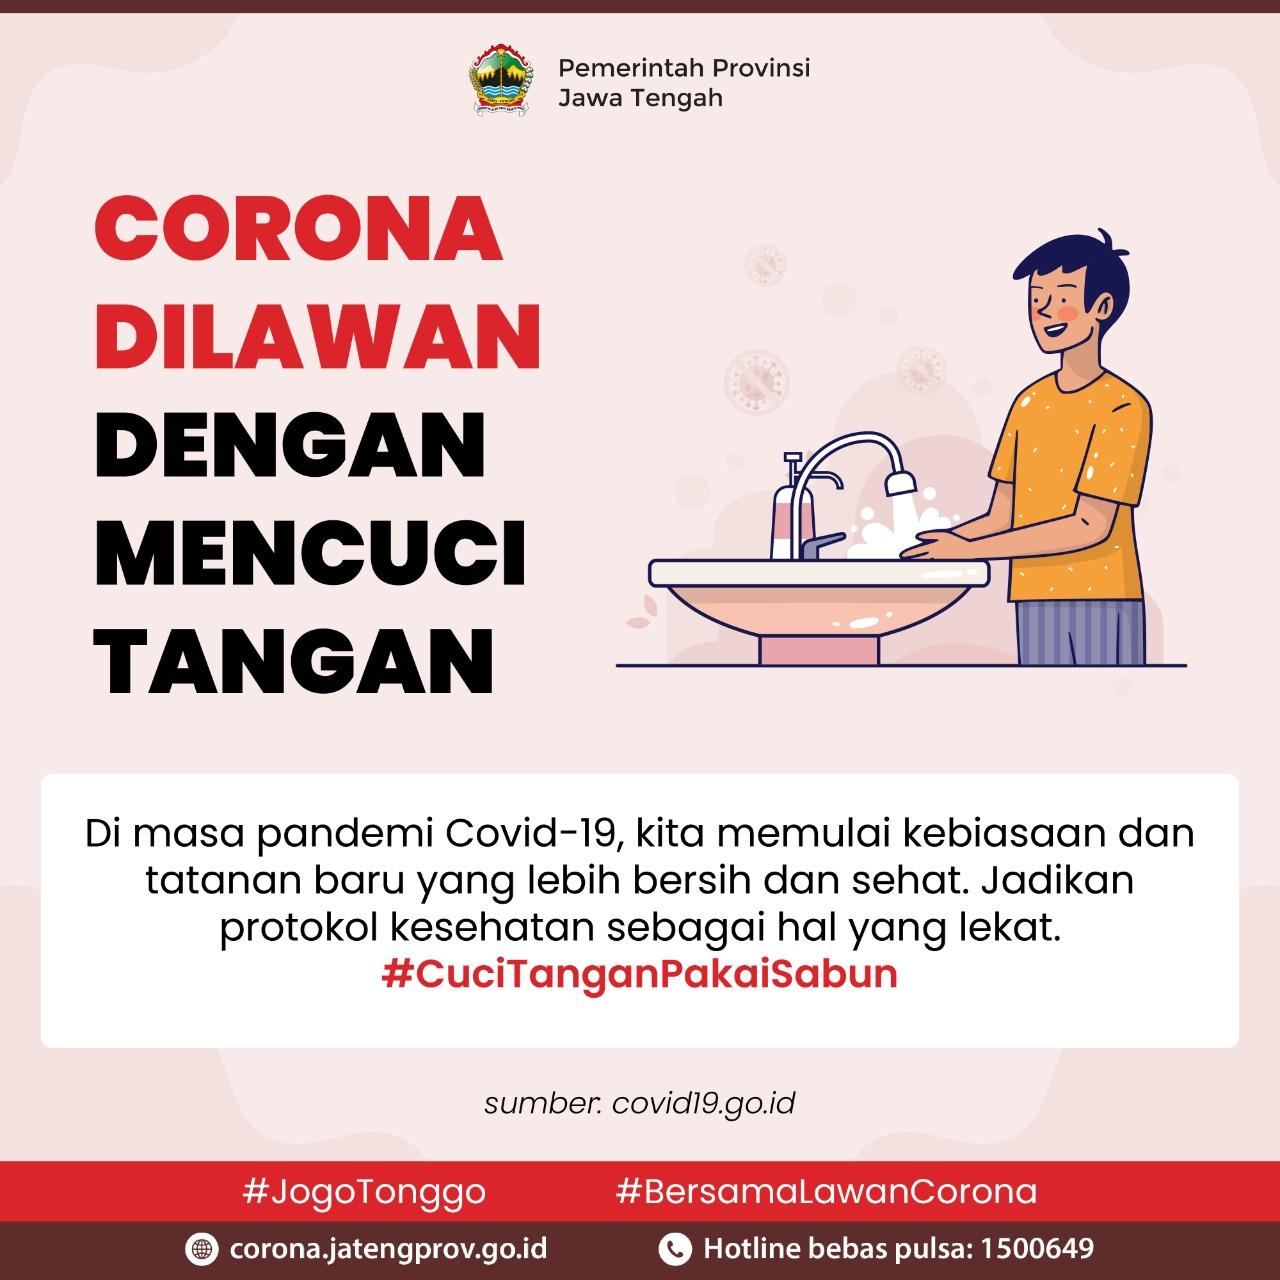 Corona Dilawan dengan Cuci Tangan